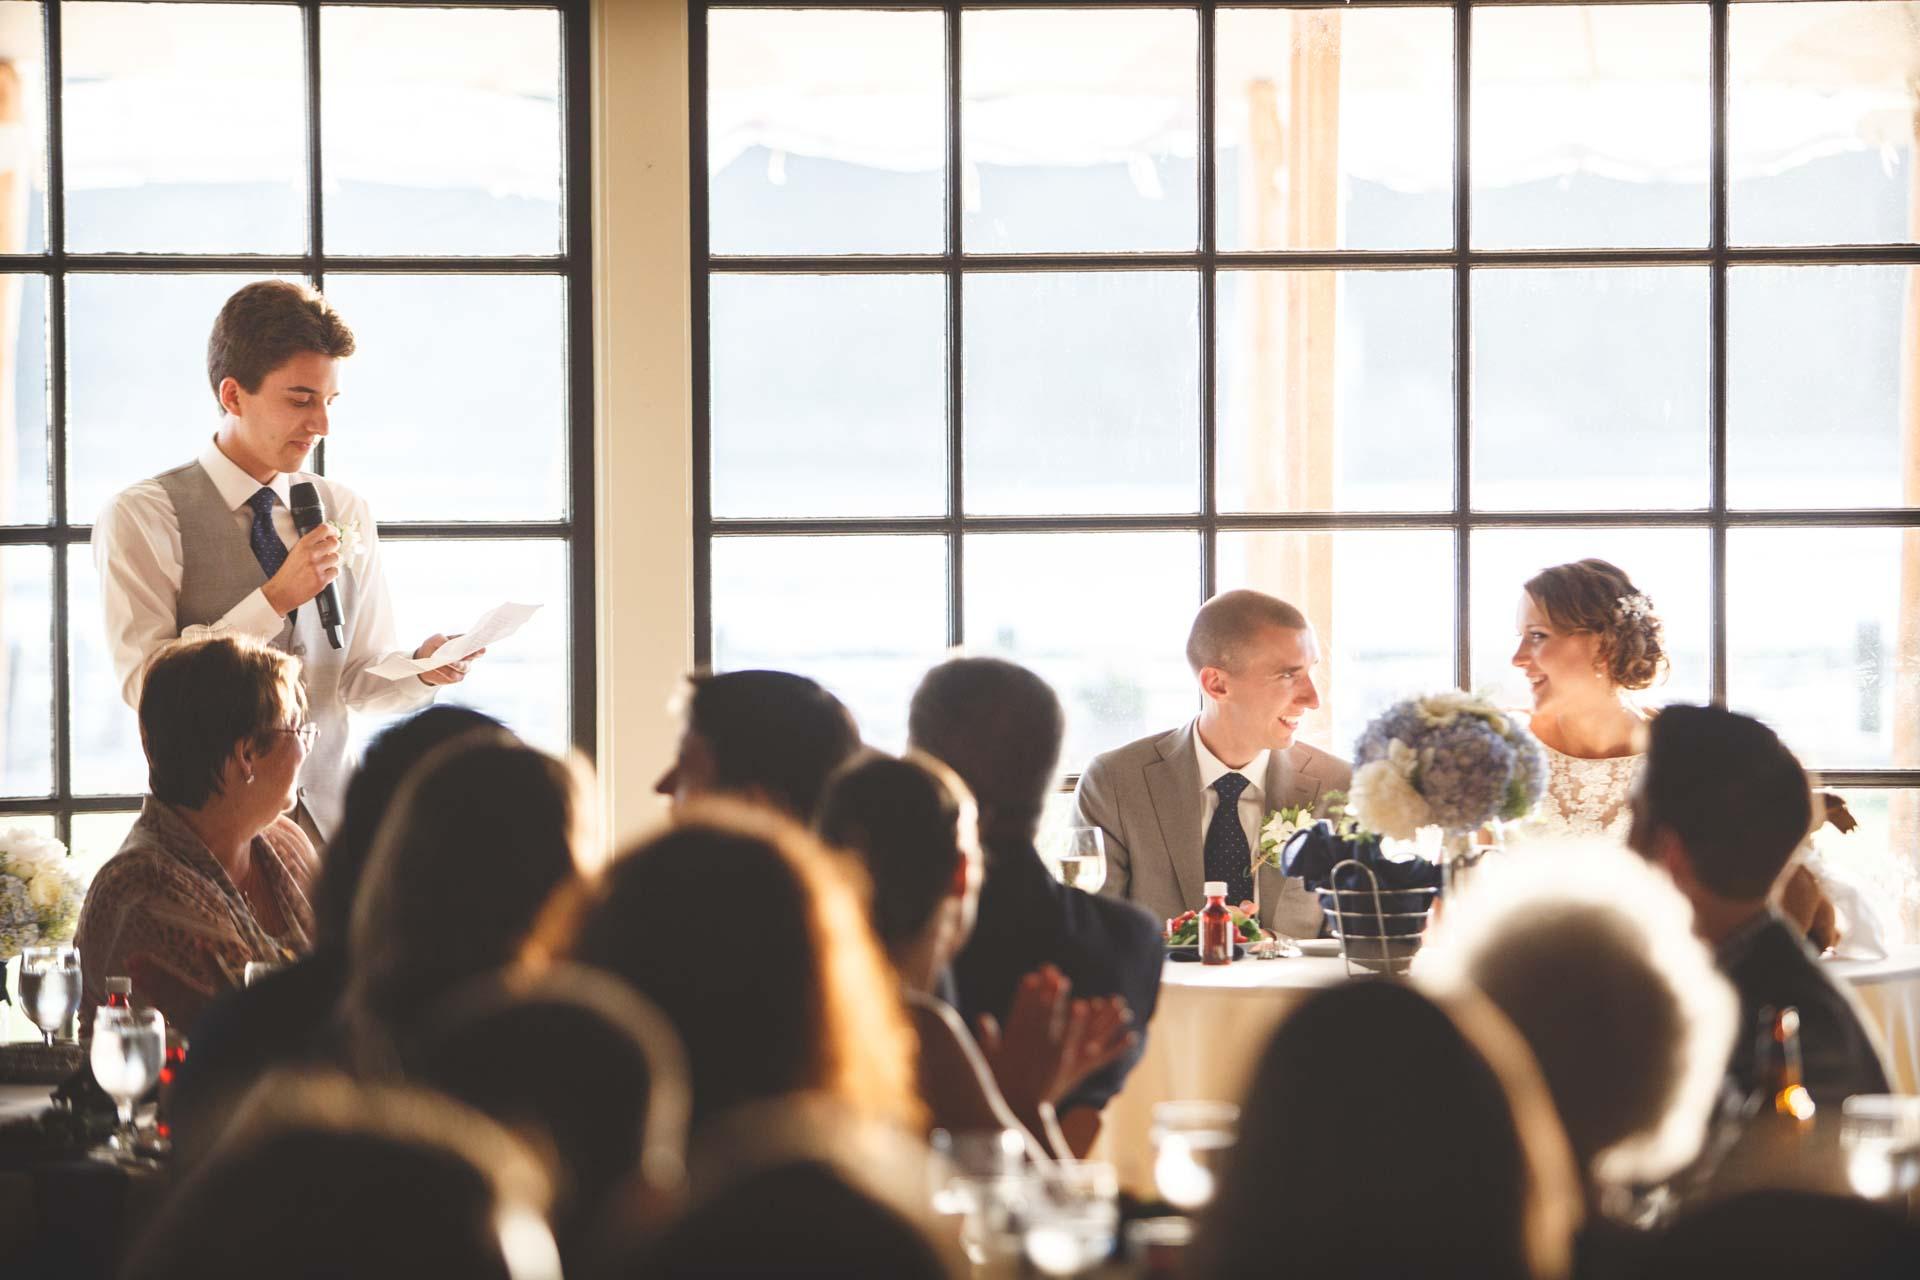 latitude-41-wedding-photography (49 of 66).jpg